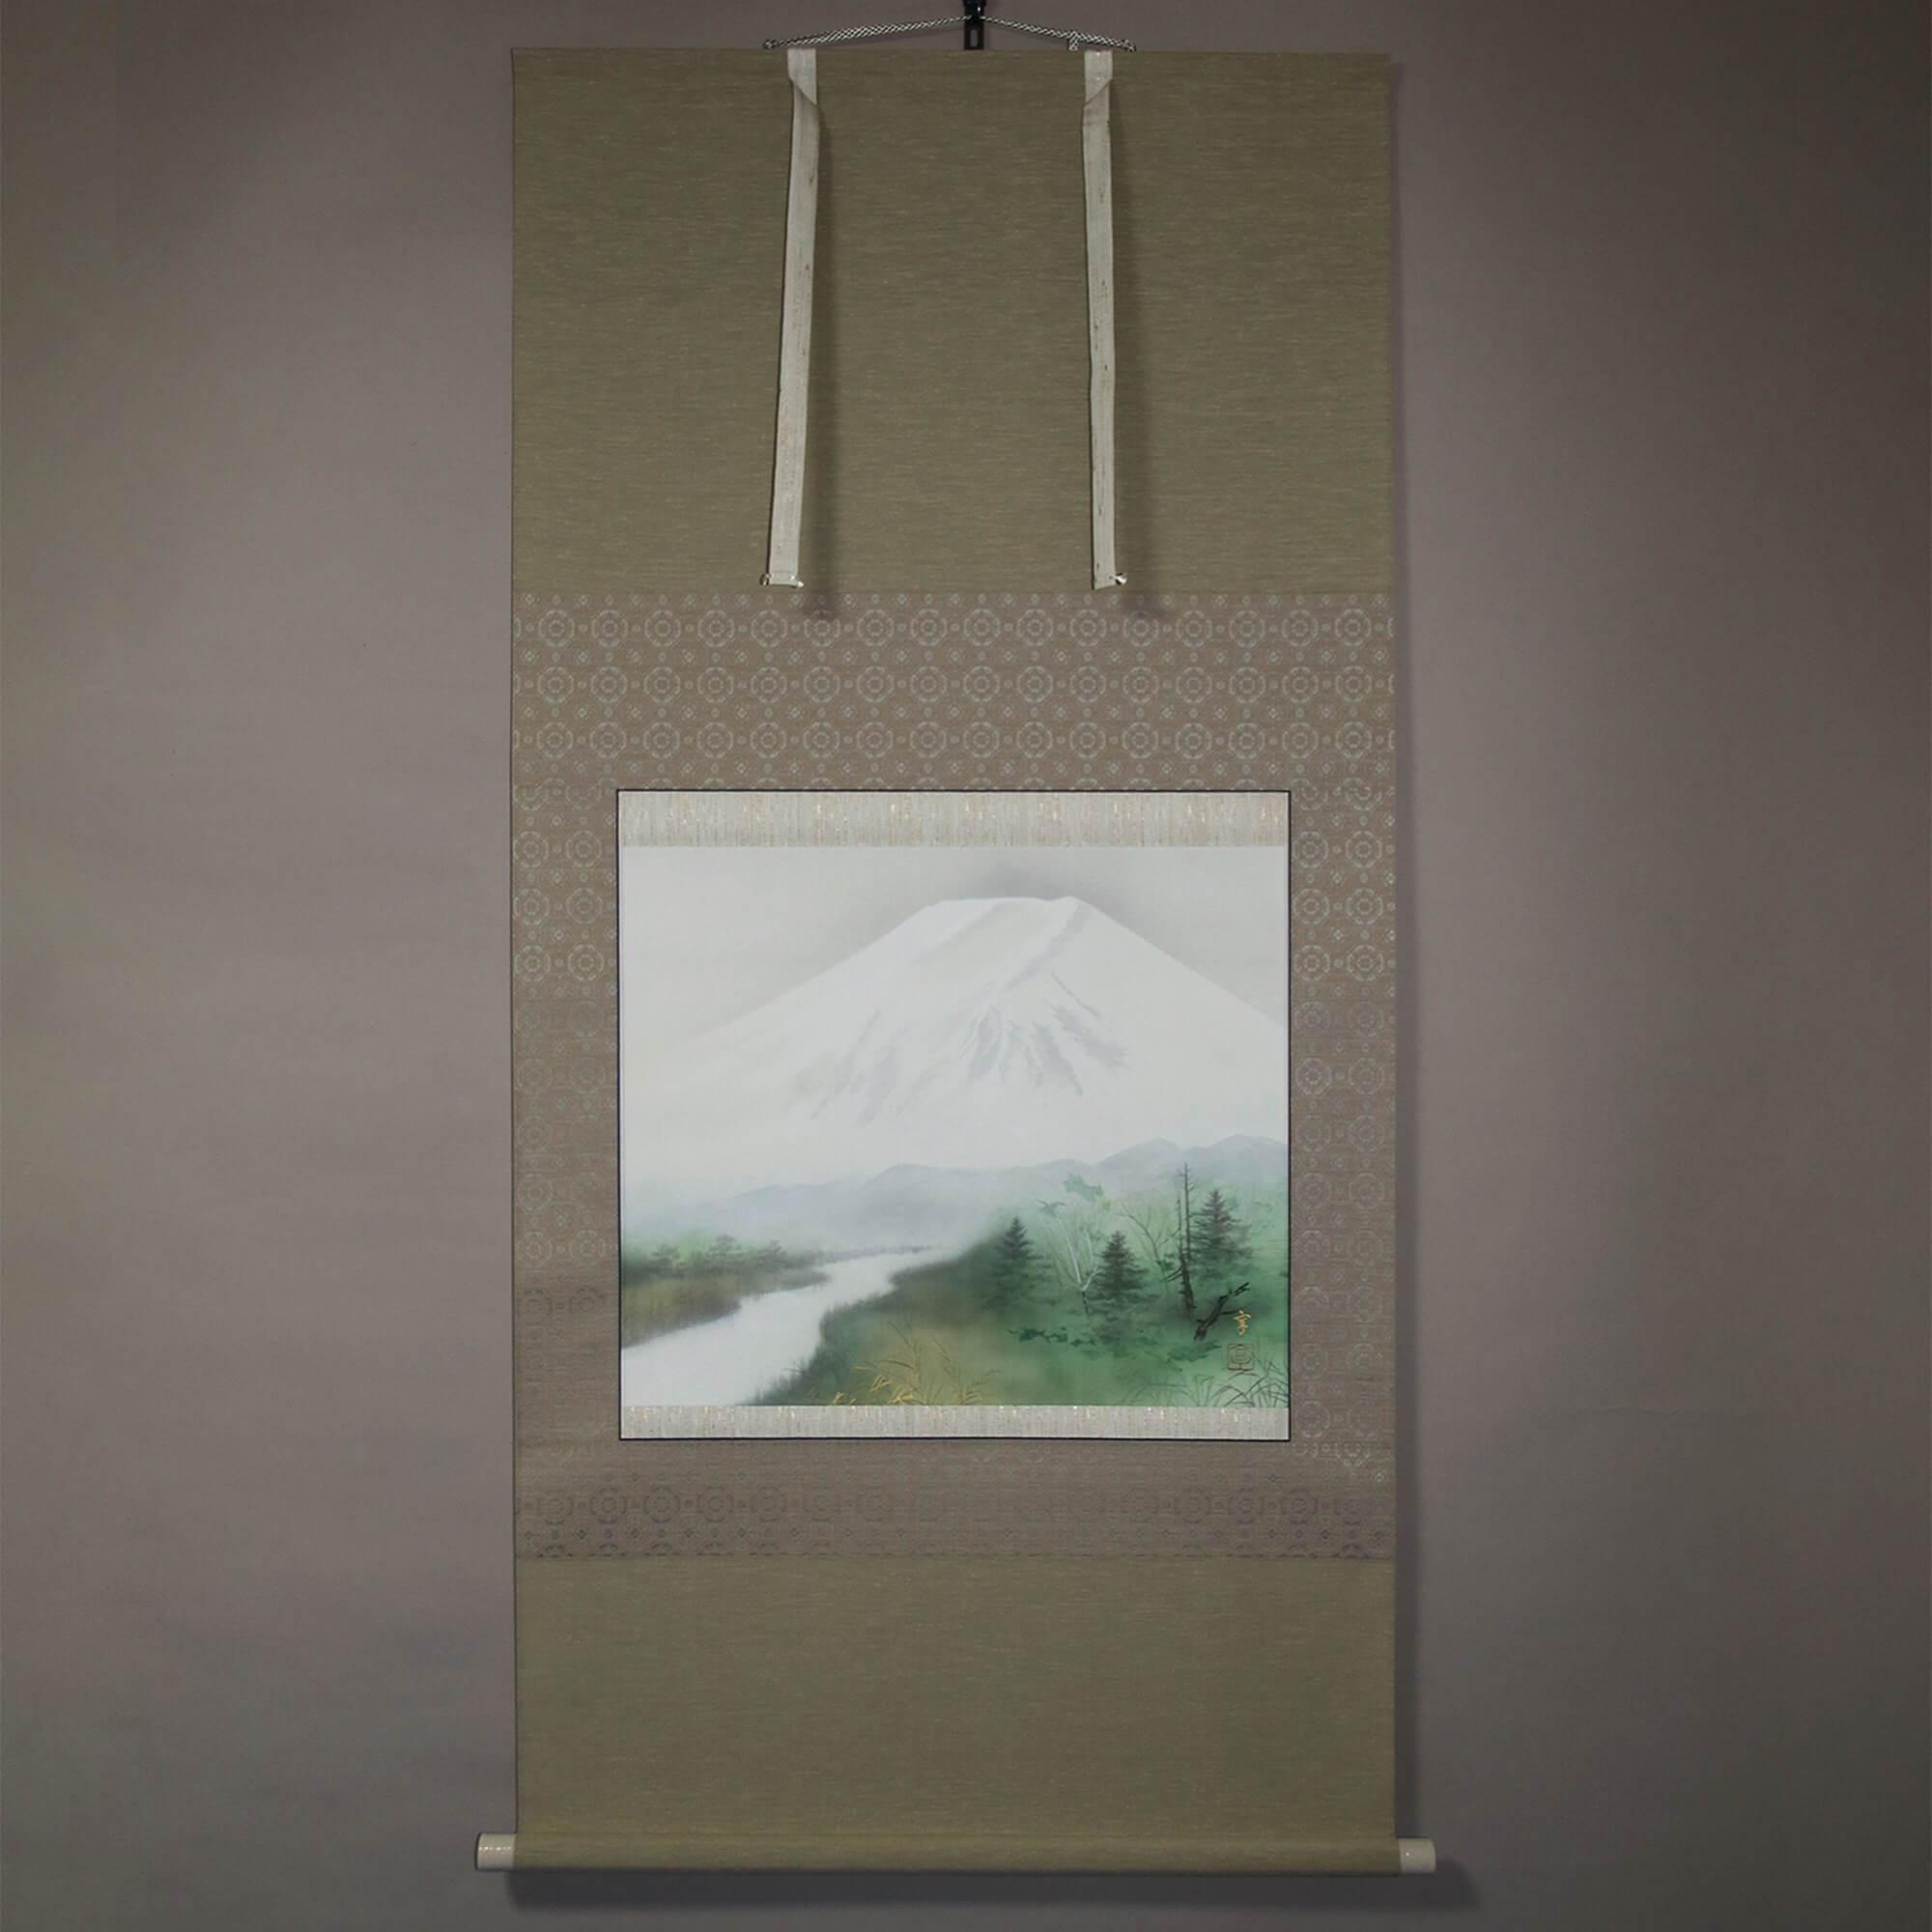 Mt. Fuji / Uchida Tōru